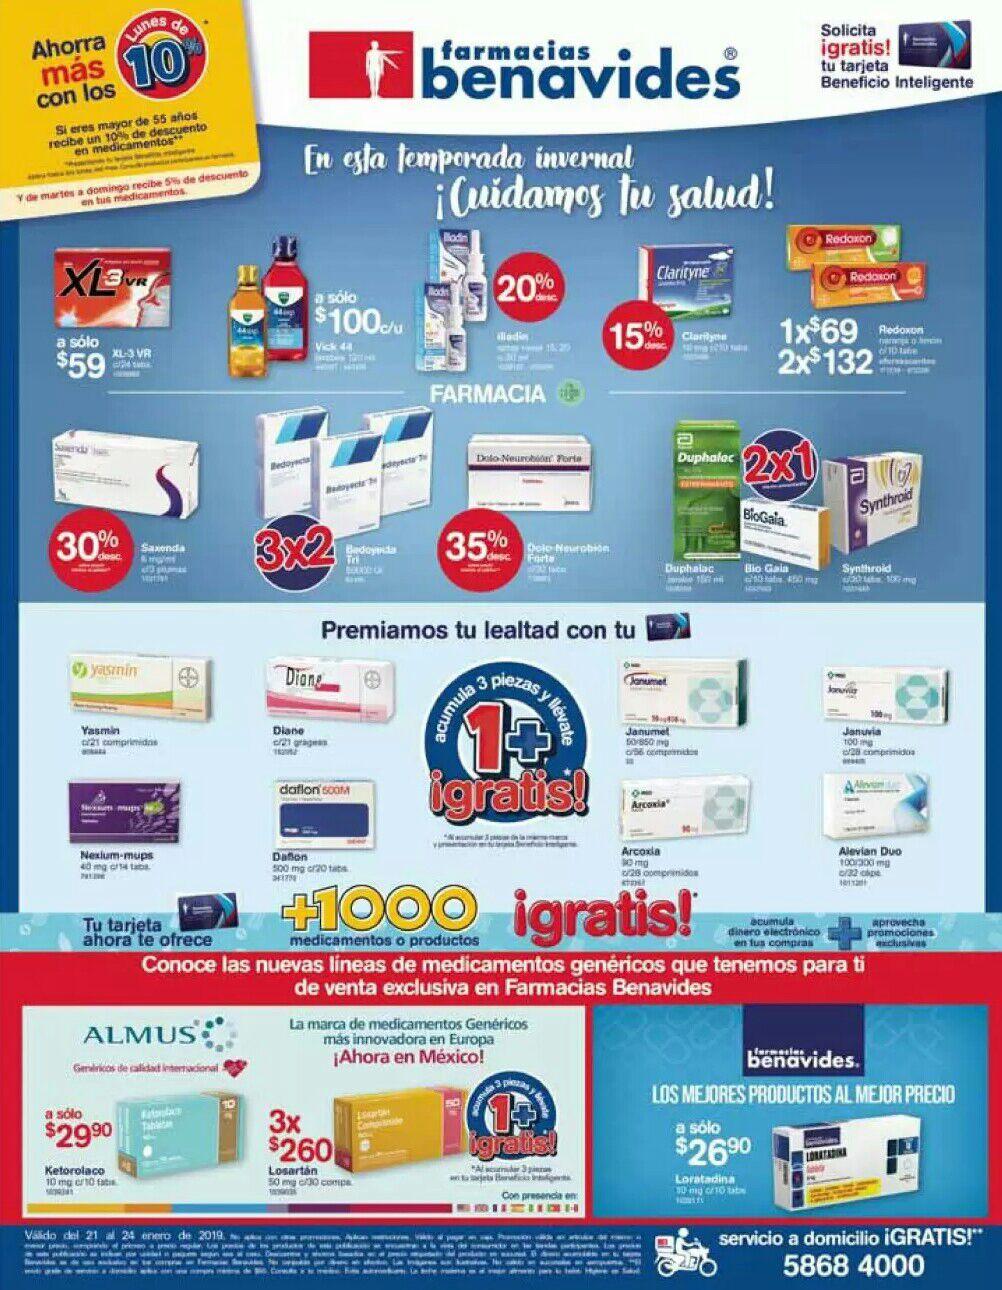 Farmacias Benavides: Ofertas del Lunes 21 al Jueves 24 de Enero